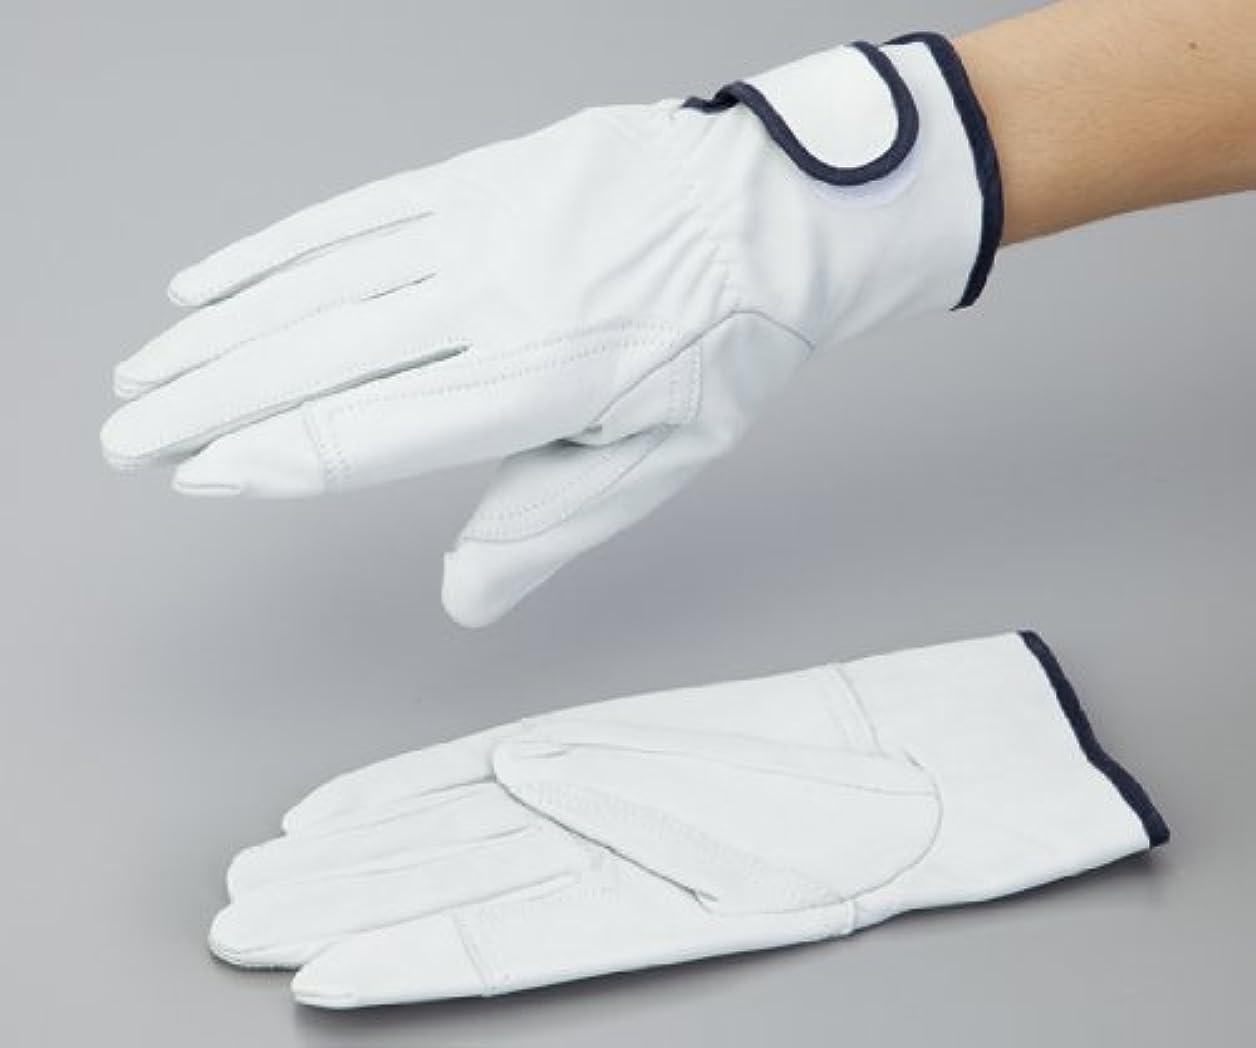 雪だるまを作る百年探す2-2384-01牛表革手袋手首マジックファスナー付No.706白215mmM